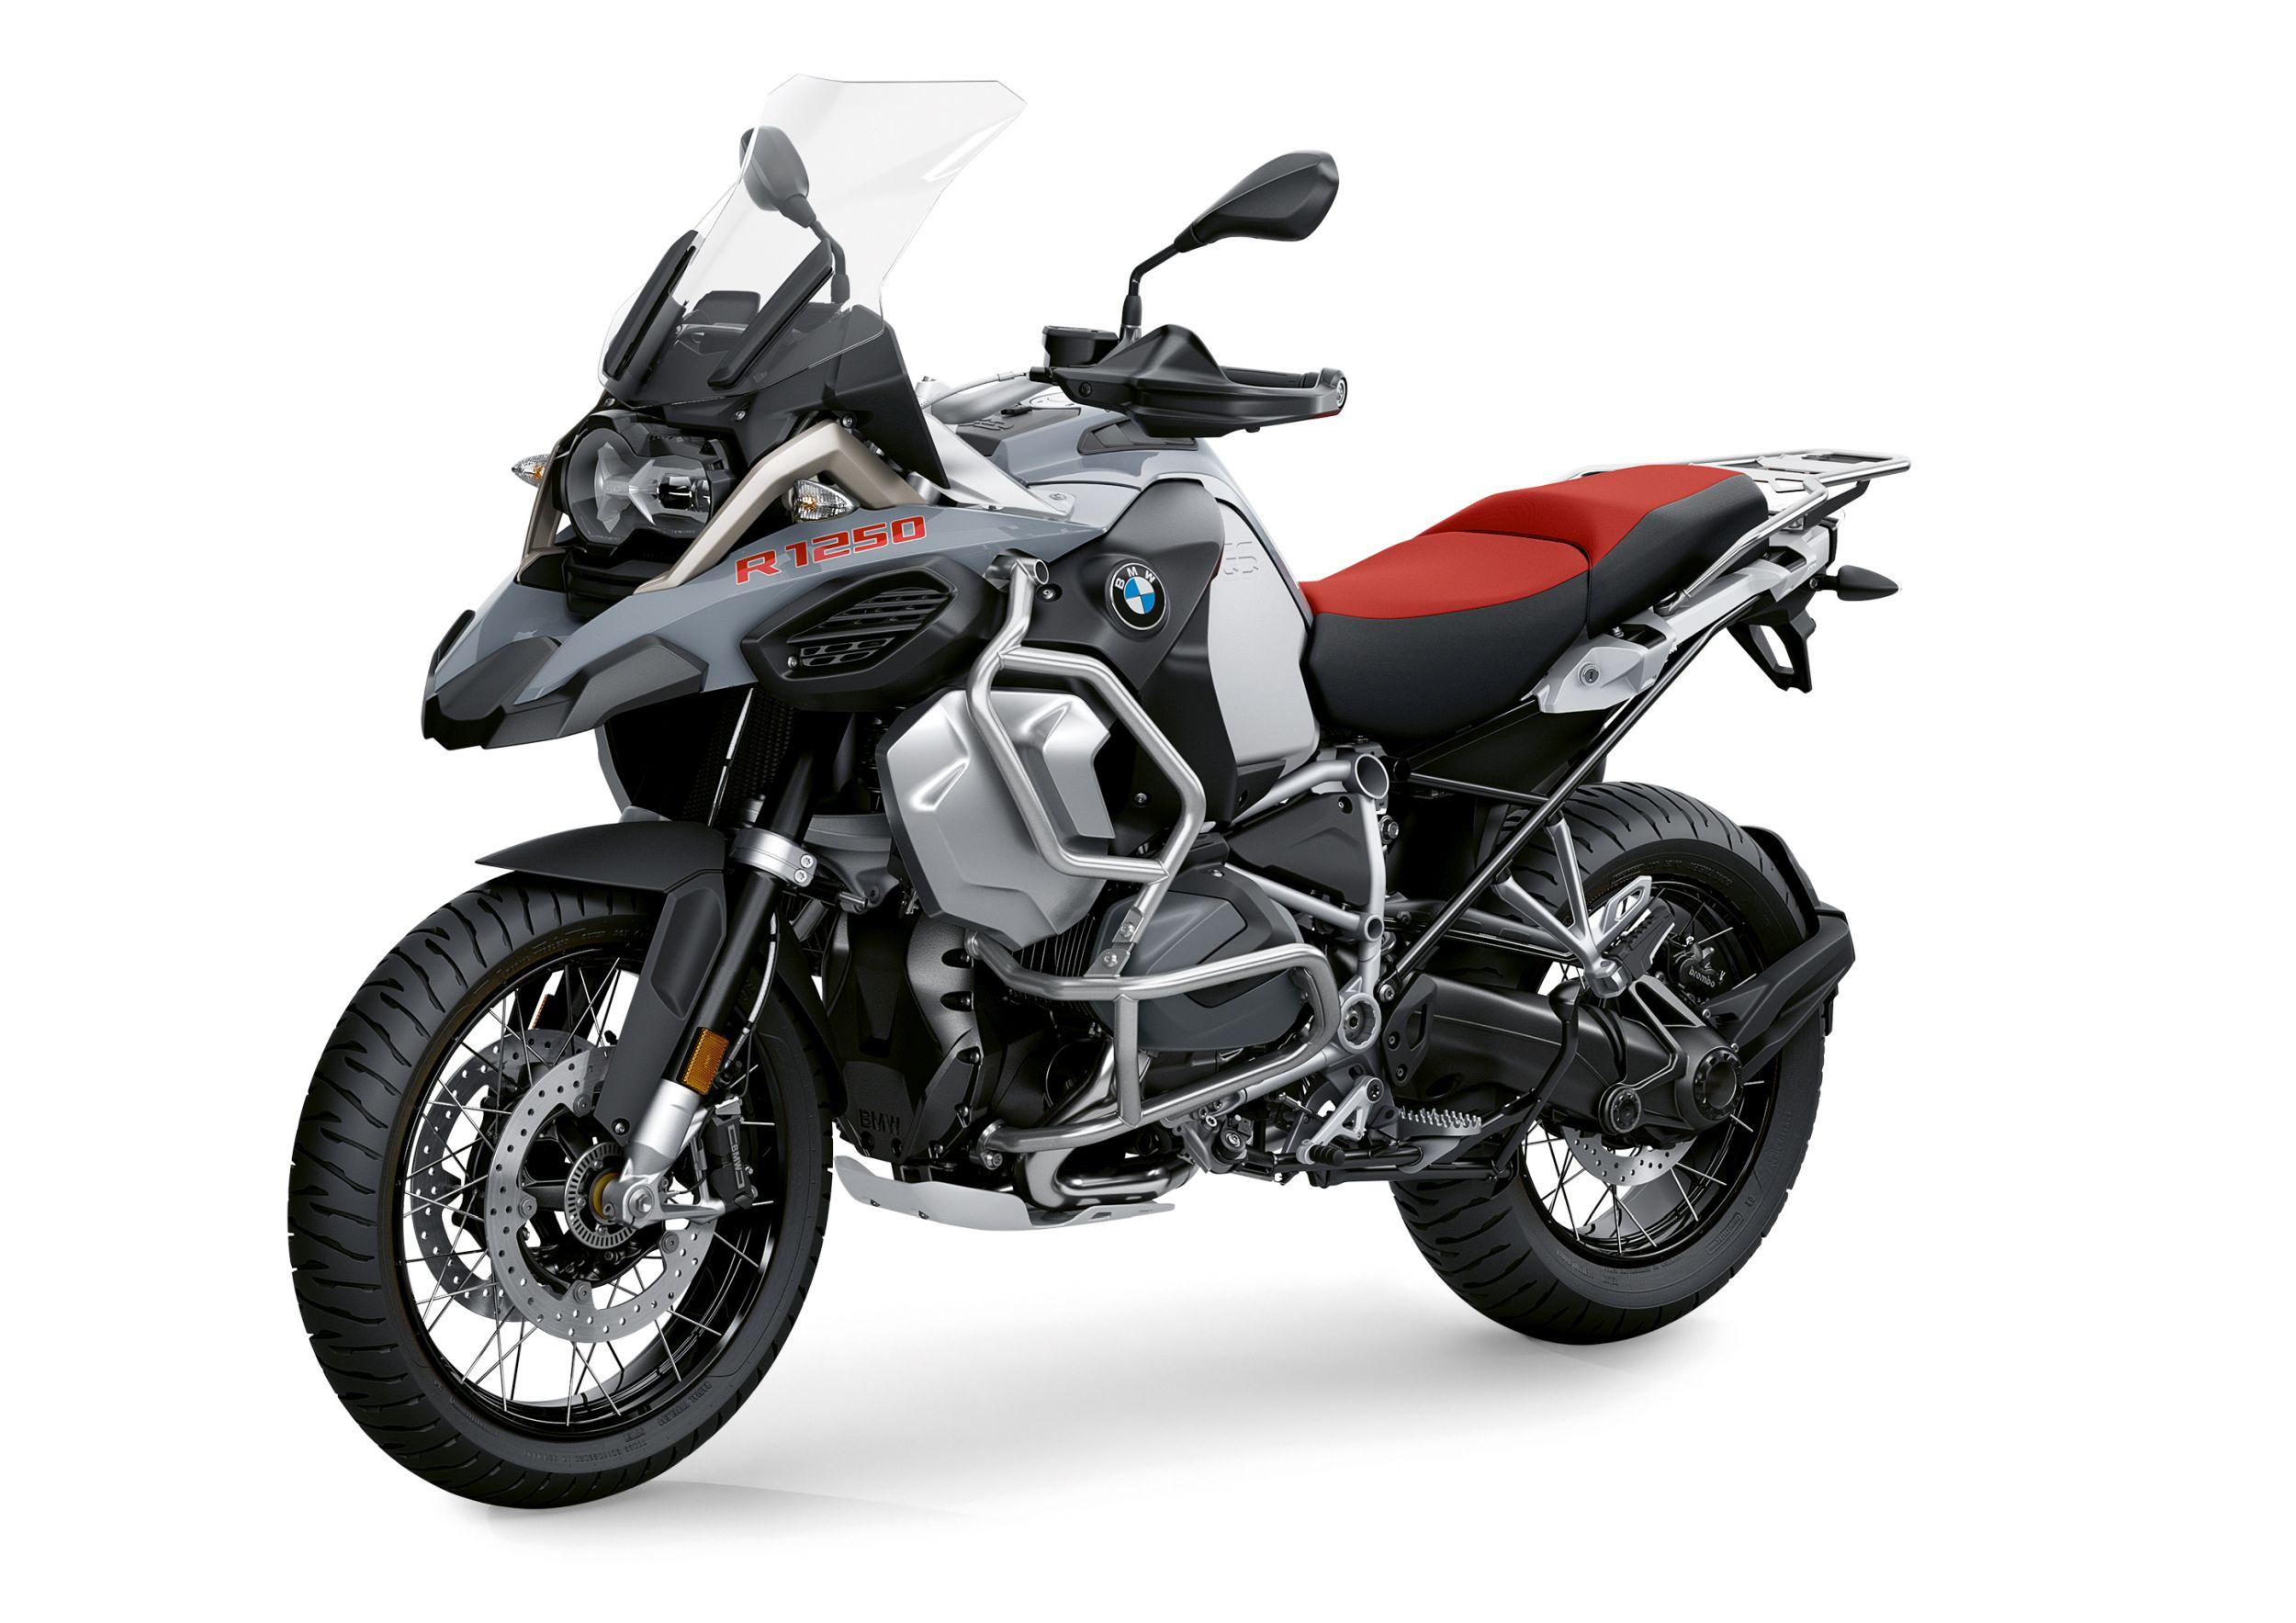 gebrauchte und neue bmw r 1250 gs adventure motorr der kaufen. Black Bedroom Furniture Sets. Home Design Ideas